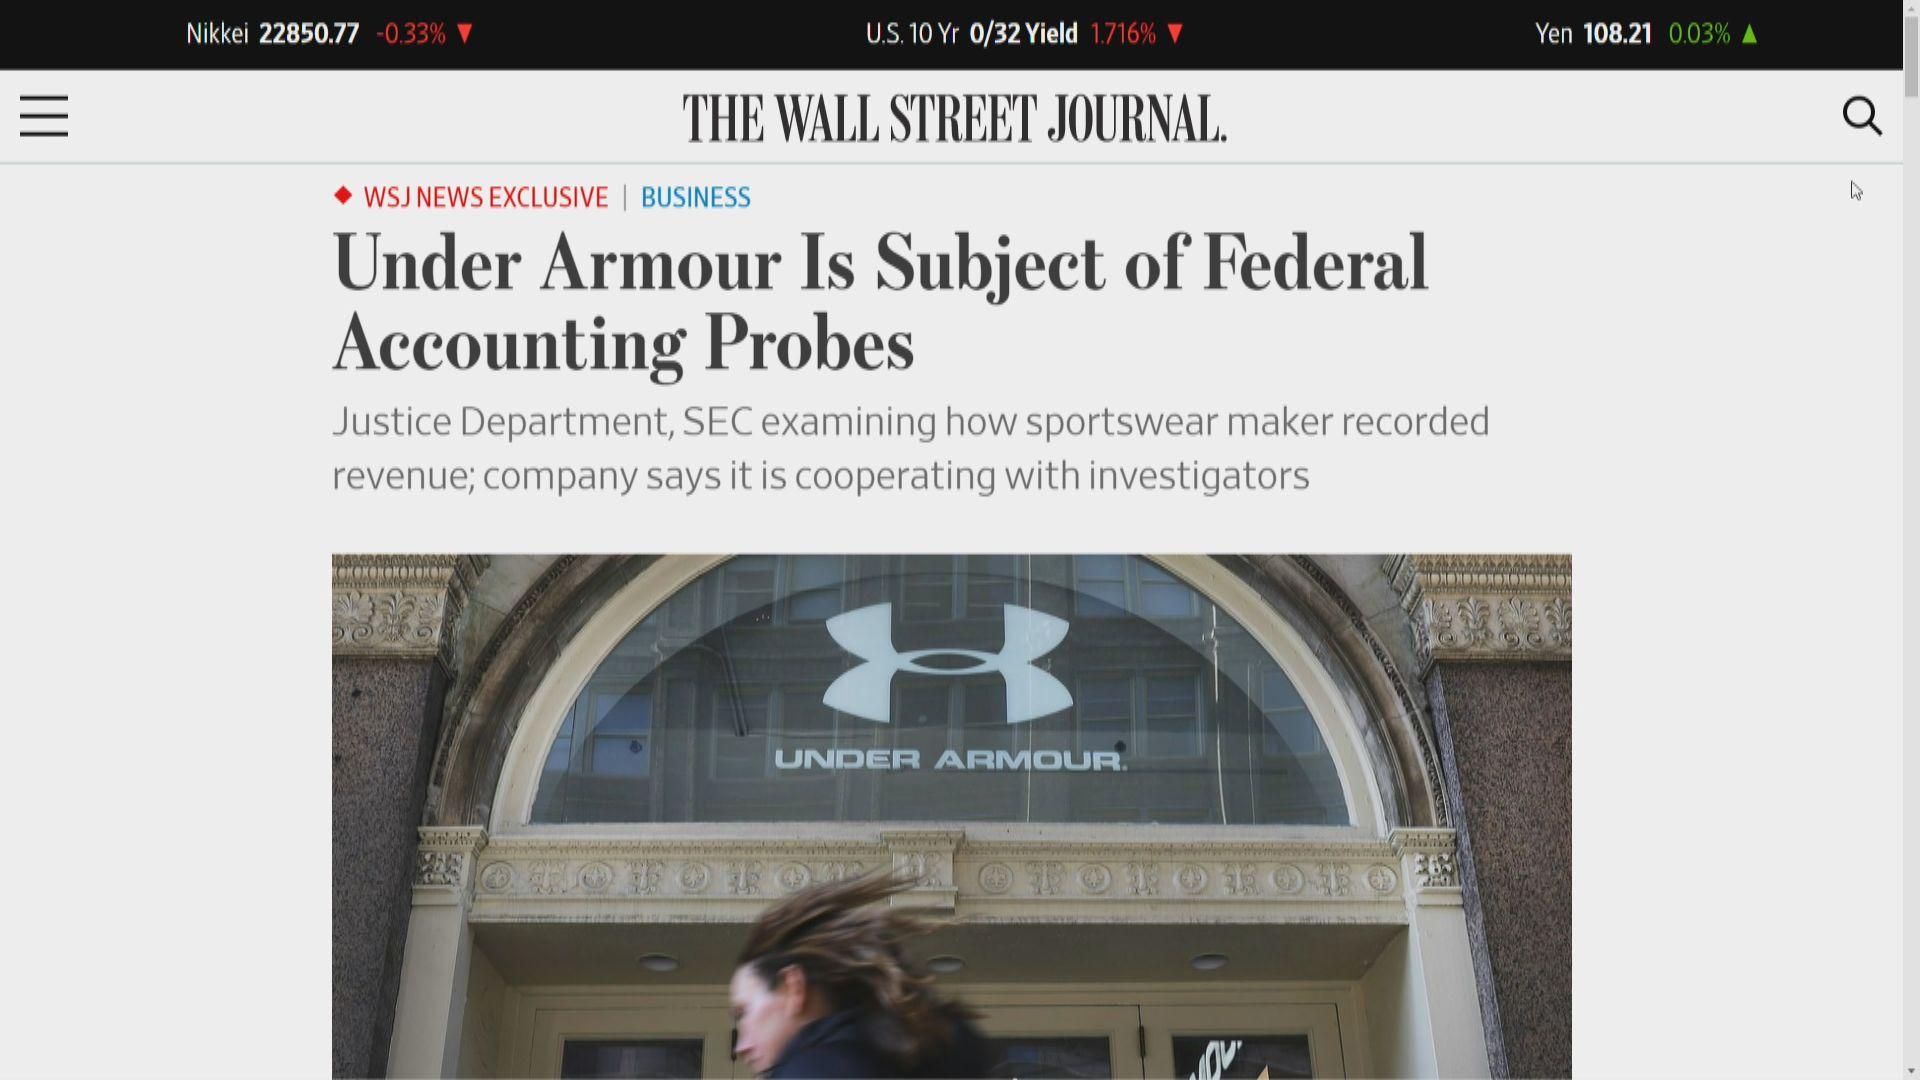 【收入灌水?】美聯邦司法部門調查Under Armour